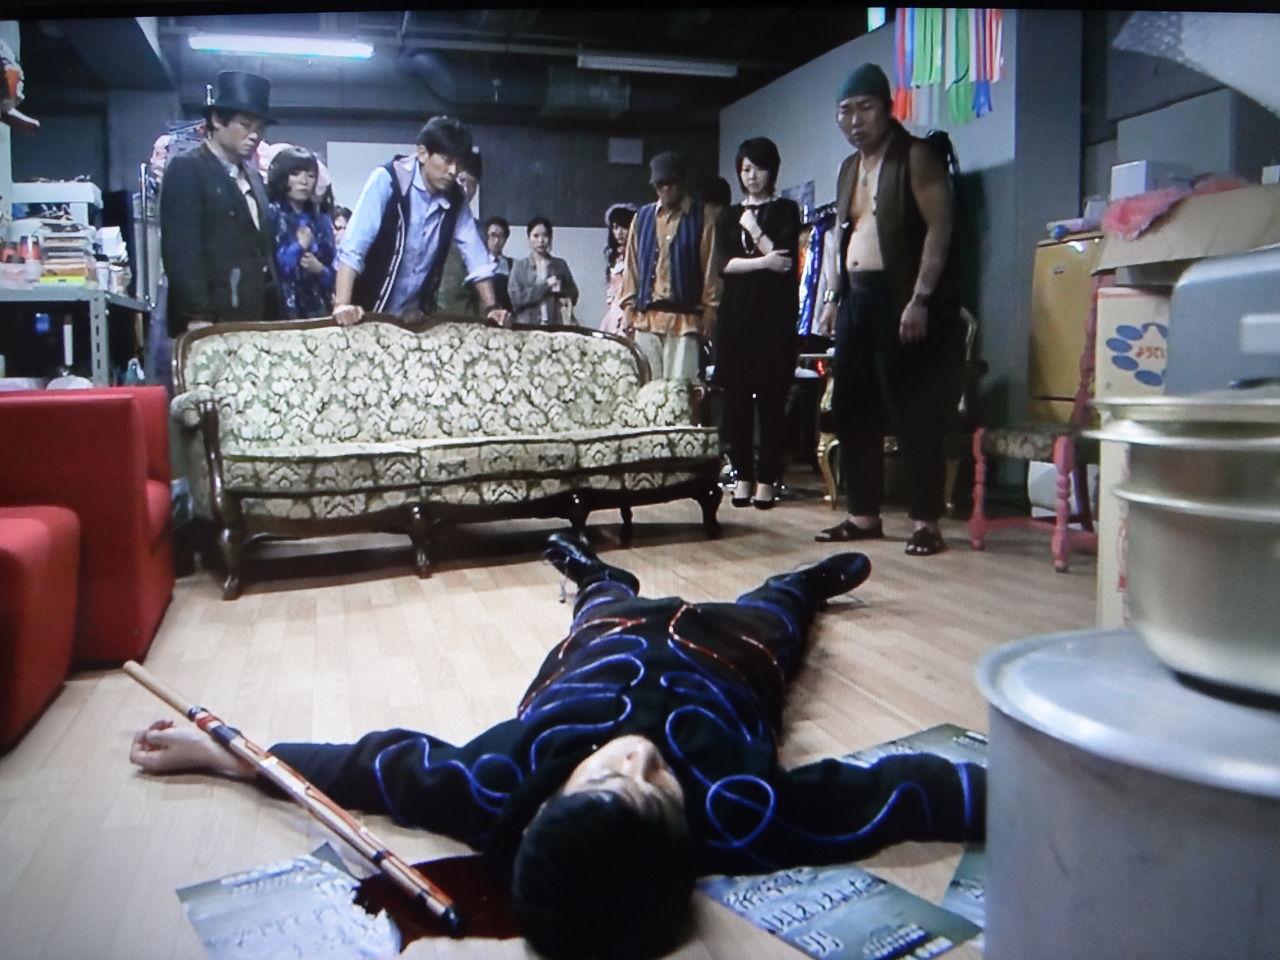 「鍵のかかった部屋 6話」の画像検索結果